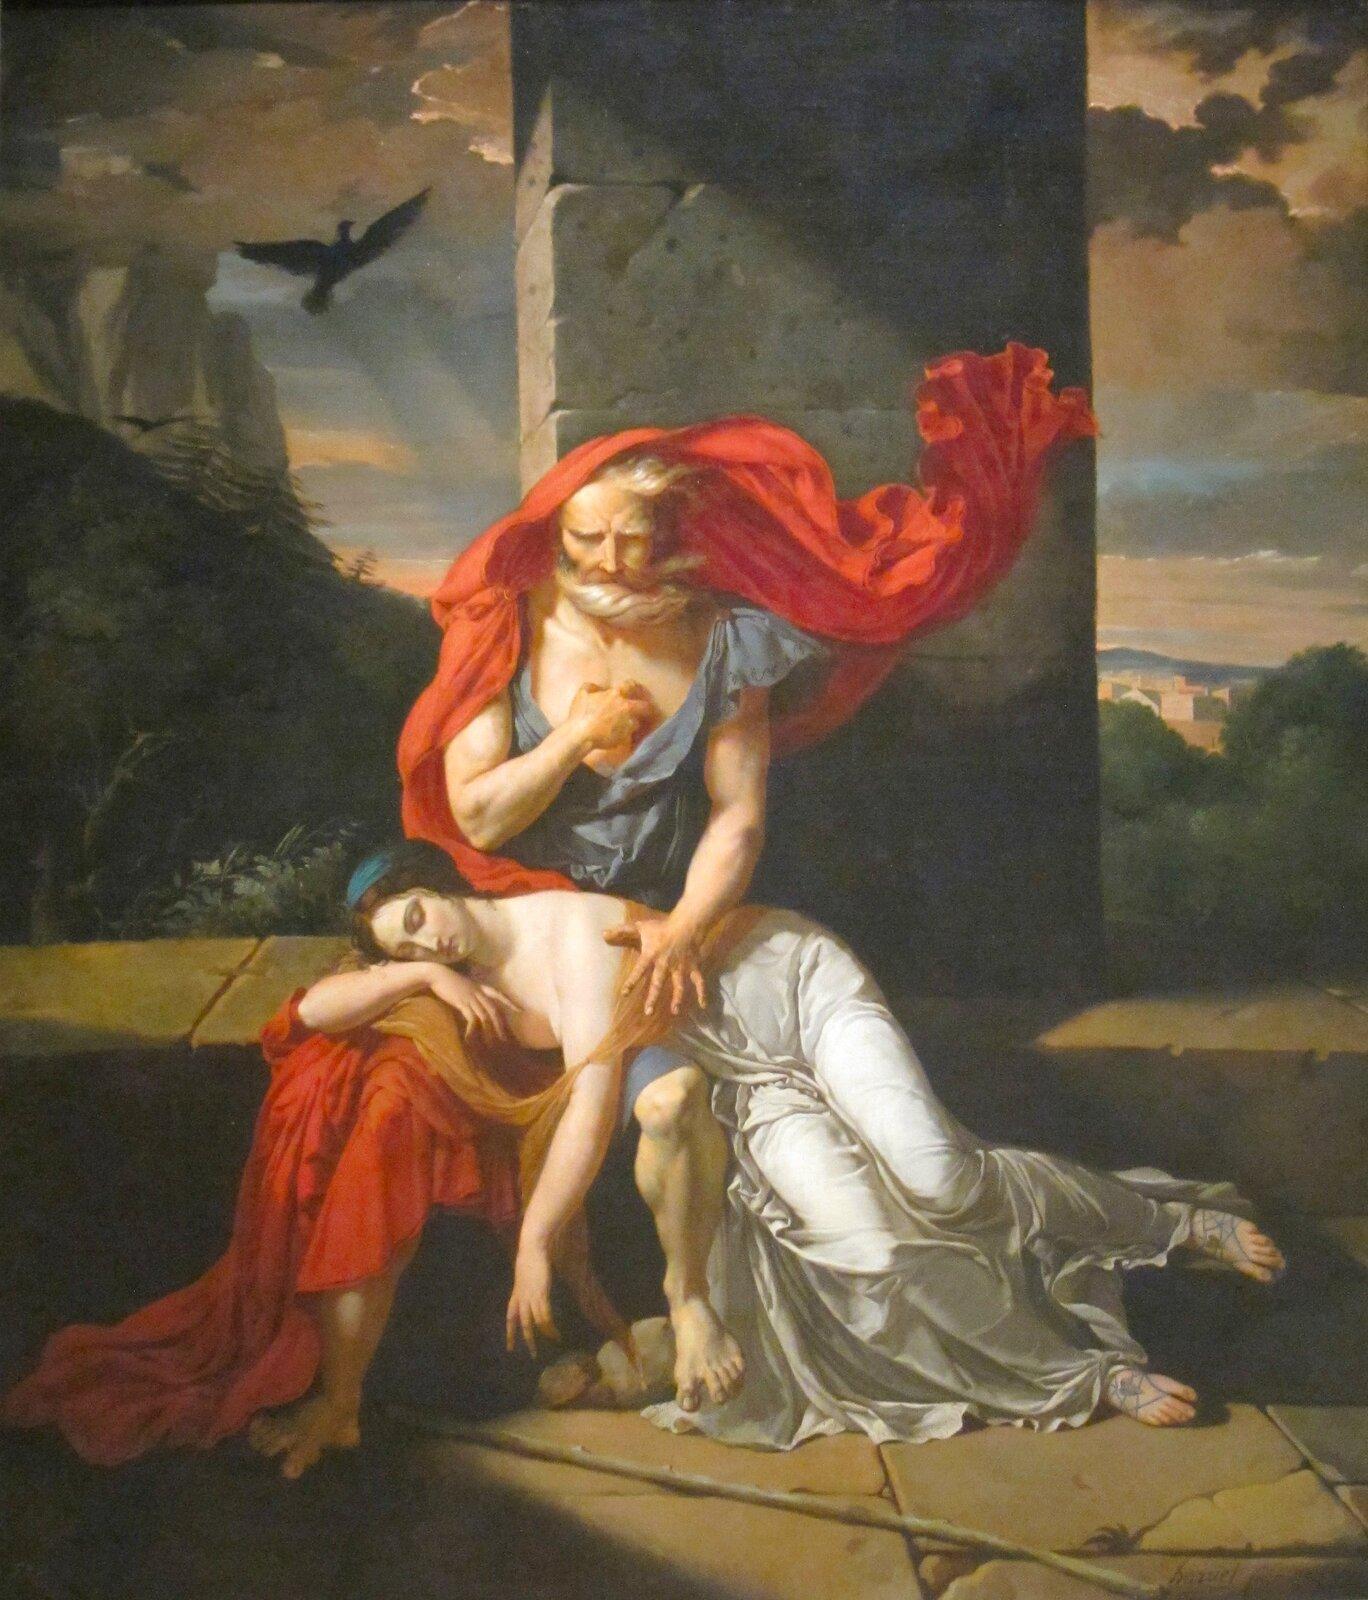 """Ilustracja przedstawia pracę Fulchran - Jean Harriens pod tytułem """"Edyp wKolonos"""". Obraz przedstawia Edypa siedzącego na murku. Edyp jest wpodeszłym wieku. ma siwe włosy oraz brodę. Na jego kolanach spoczywa młoda śpiąca ciemnowłosa kobieta, która jest ubrana wpomarańczowo-białe szaty. Wtle widoczne jest ptactwo oraz ciemne chmury."""